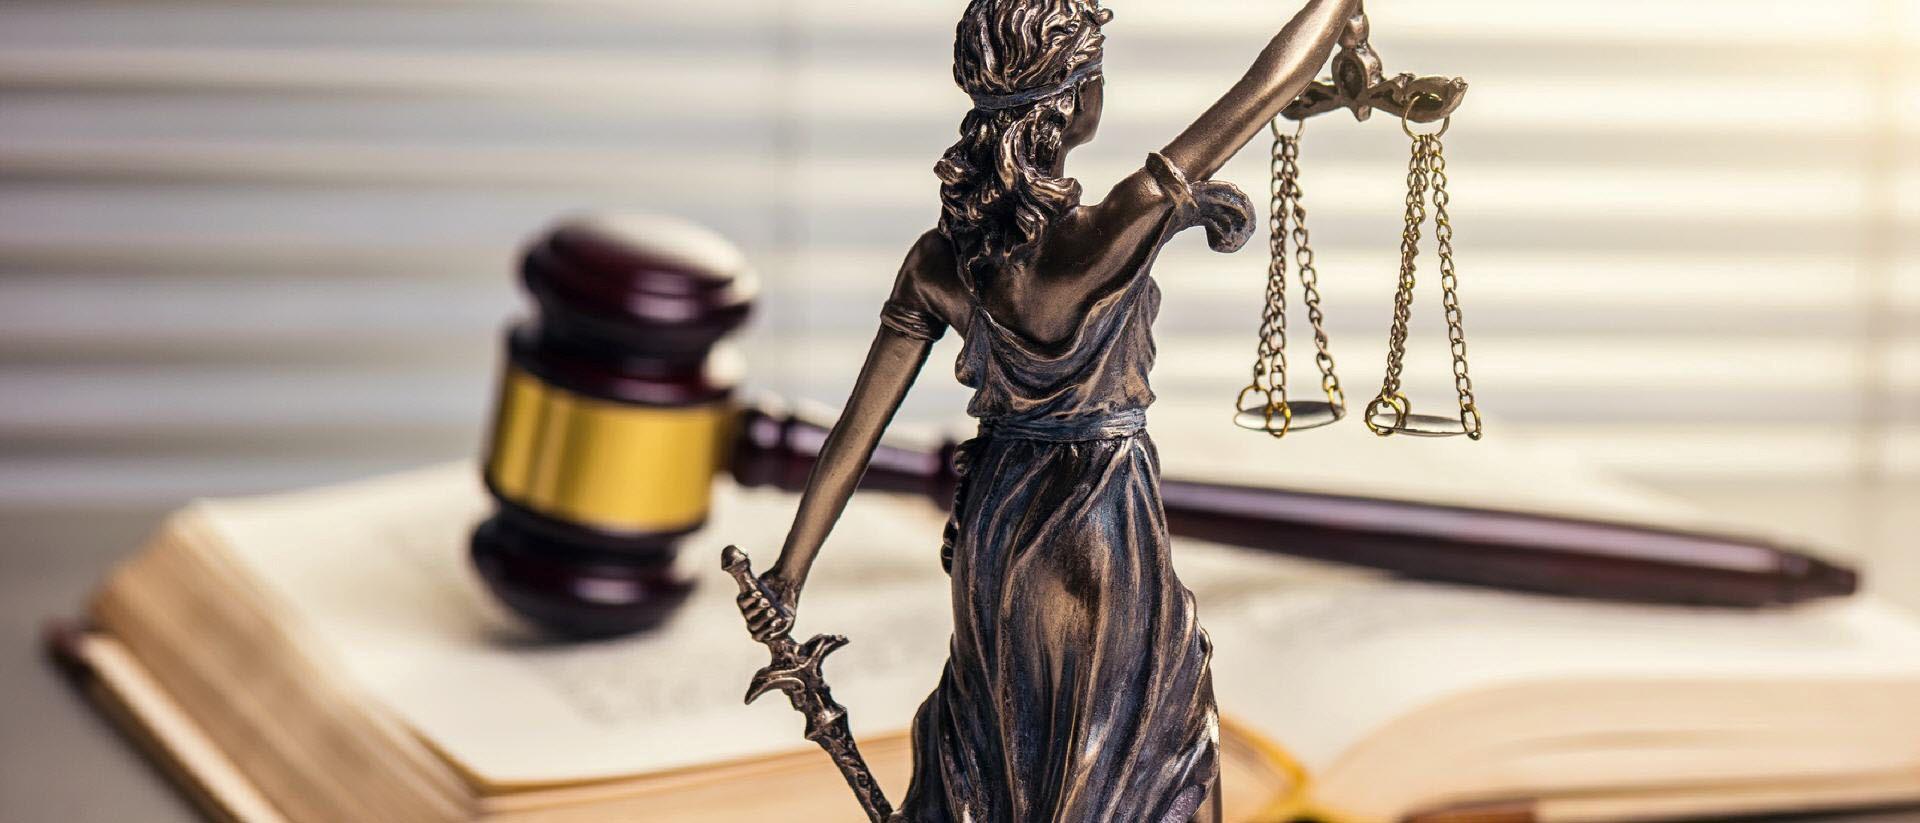 весы, правосудие, законность, НКО